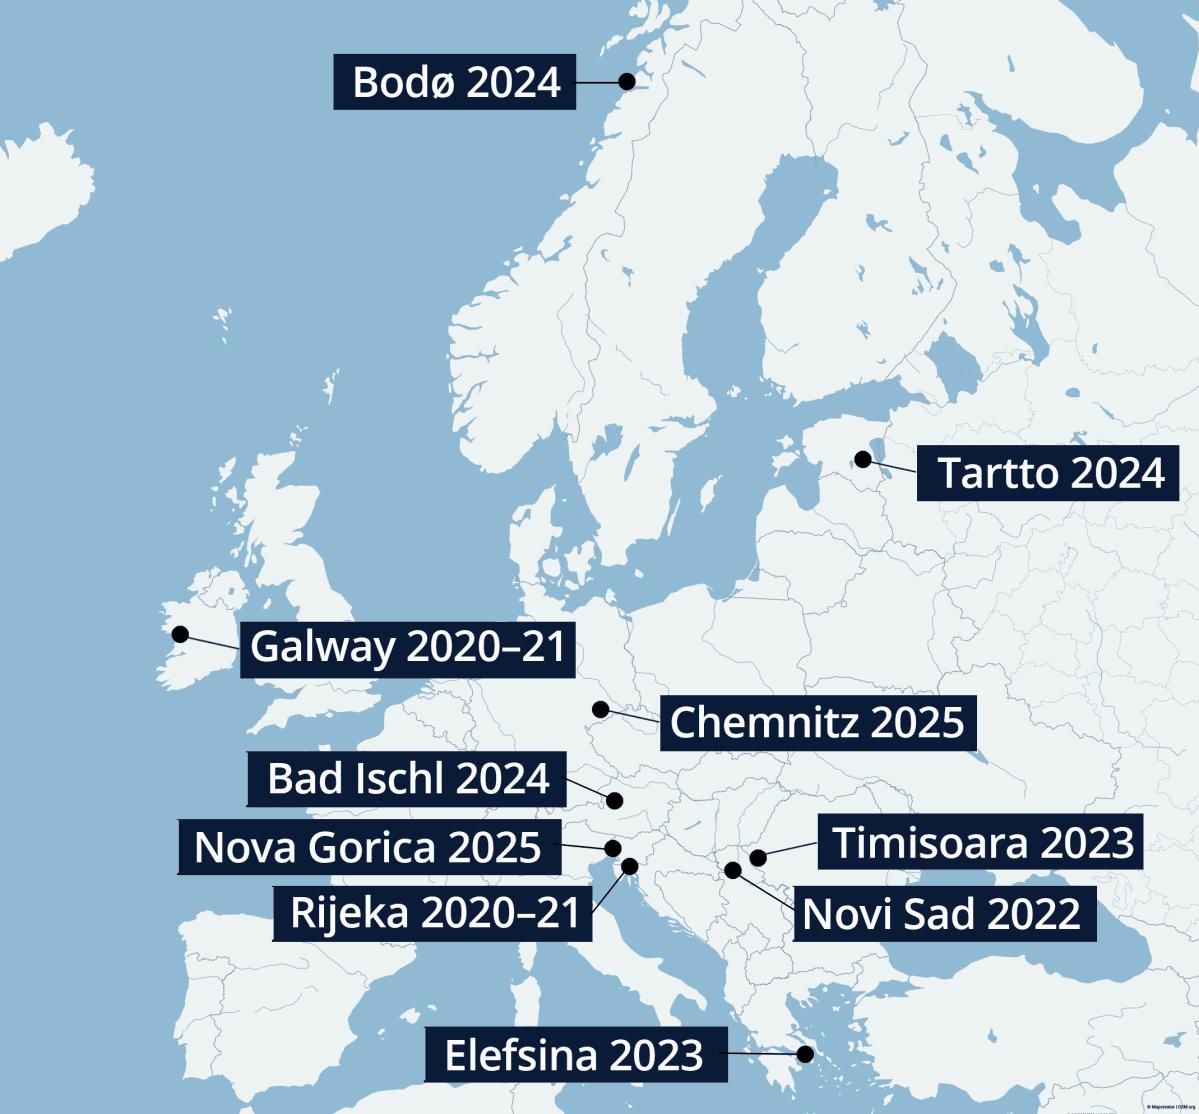 Tulevat Euroopan kulttuuripääkaupungit -kartta.